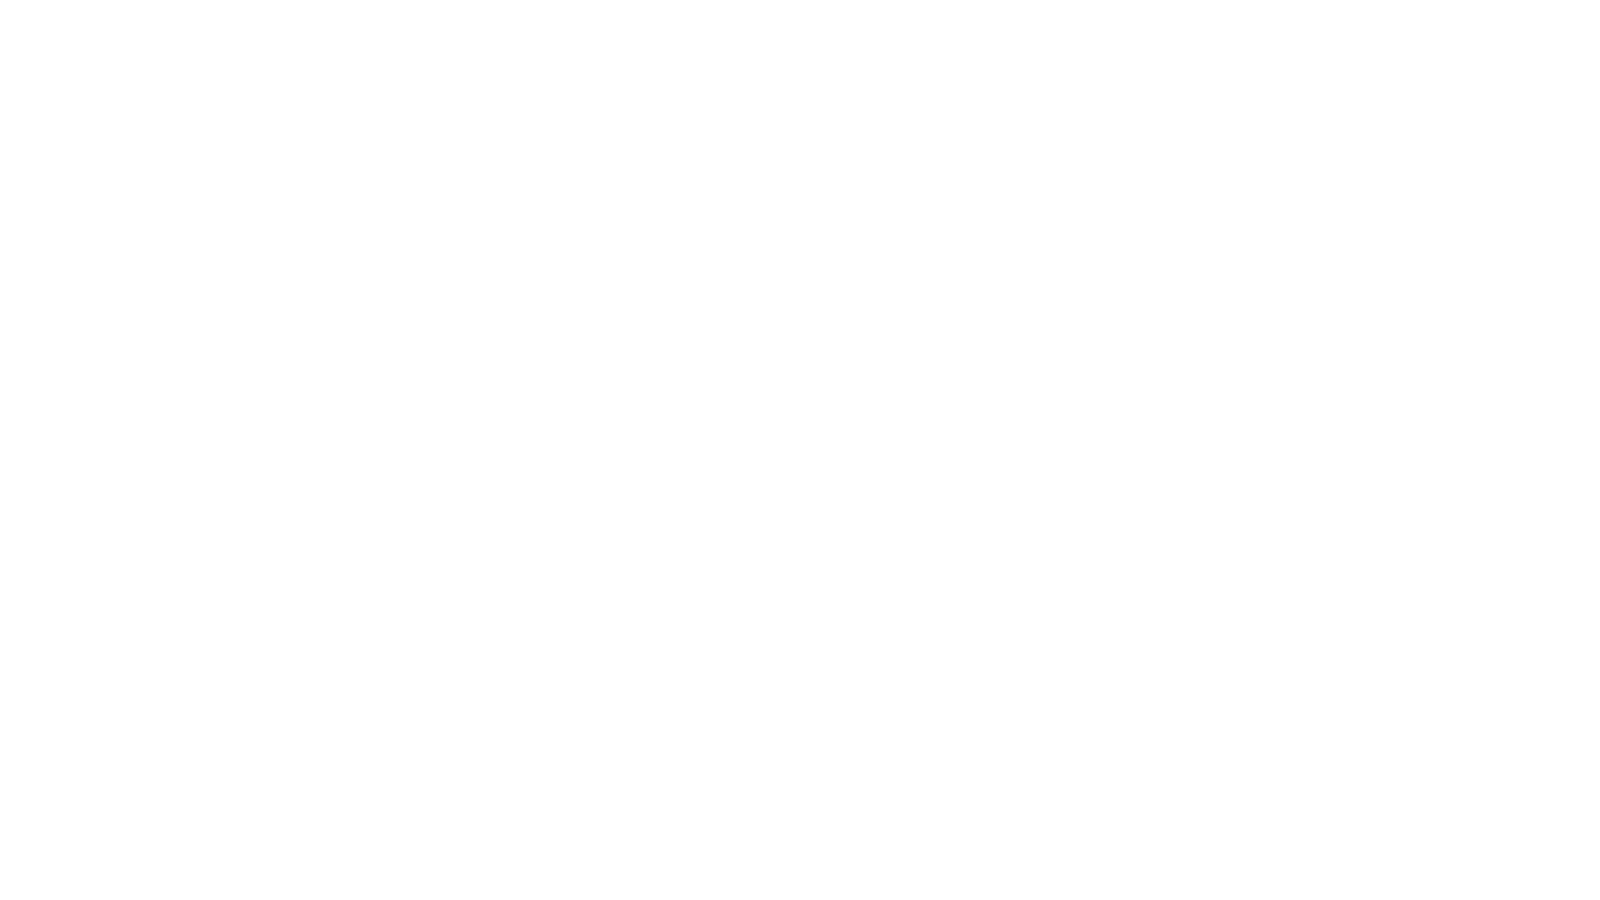 """Il cortometraggio """"Mai più Vittime su strada"""" è stato realizzato dall'Amministrazione Comunale di Città di Parabiago (MI). E' stato pensato per la Giornata mondiale del ricordo delle Vittime della strada. E' dedicato a Bianca Ballabio, Andrea De Nando, Pietro Calogero e a tutte le Vittime della strada.  TRAMA Tre ragazzi stanno recitando in teatro una scena per uno spot sulla sicurezza stradale, intanto al Comando di Polizia Locale si svolge la quotidianità, presto interrotta da alcuni sinistri mortali.  I ragazzi sono sul palco, che rappresenta la strada. Sono seduti su delle sedie, come se fossero in due auto diverse, in luoghi diversi.  Percorrono la strada con imprudenza e senza rispettare le regole del CdS. Una ragazza, fiera della sua nuova auto e sicura di sé, si distrae con il cellulare, va troppo veloce e passa col rosso perché distratta. Le va bene. Un po' di spavento, ma non è accaduto niente. Continua come se nulla fosse accaduto. Sempre distratta, sempre meno ligia alle regole, sempre con il cellulare in mano. Sino a quando - questa volta perché lo decide - passa ancora con il rosso e investe delle persone.  In Comando arriva la chiamata di una donna che ha assistito al sinistro. E' sotto shock. Viene inviata una pattuglia che si trova già all'esterno, ma vista la gravità ne parte un'altra dal Comando.  Intanto (sempre in teatro) su un'altra auto ci sono due ragazzi. Decidono di non mettere la cintura, convinti che a loro non possa mai accadere nulla. Il guidatore, che si crede un pilota esperto, se ne frega dei segnali stradali e rischia di investire una madre col figlio. Il passeggero ha paura. Ma proseguono.  Nel frattempo nell'auto della Polizia partita in appoggio a quella già fuori, i due agenti sperano che nel primo sinistro non ci siano Vittime. Nello stesso istante l'auto con i due ragazzi si schianta. Il passeggero è grave, è in coma. La seconda pattuglia riceve una chiamata dalla centrale che avvisa di un altro grave scontro. Un disastro. Com"""